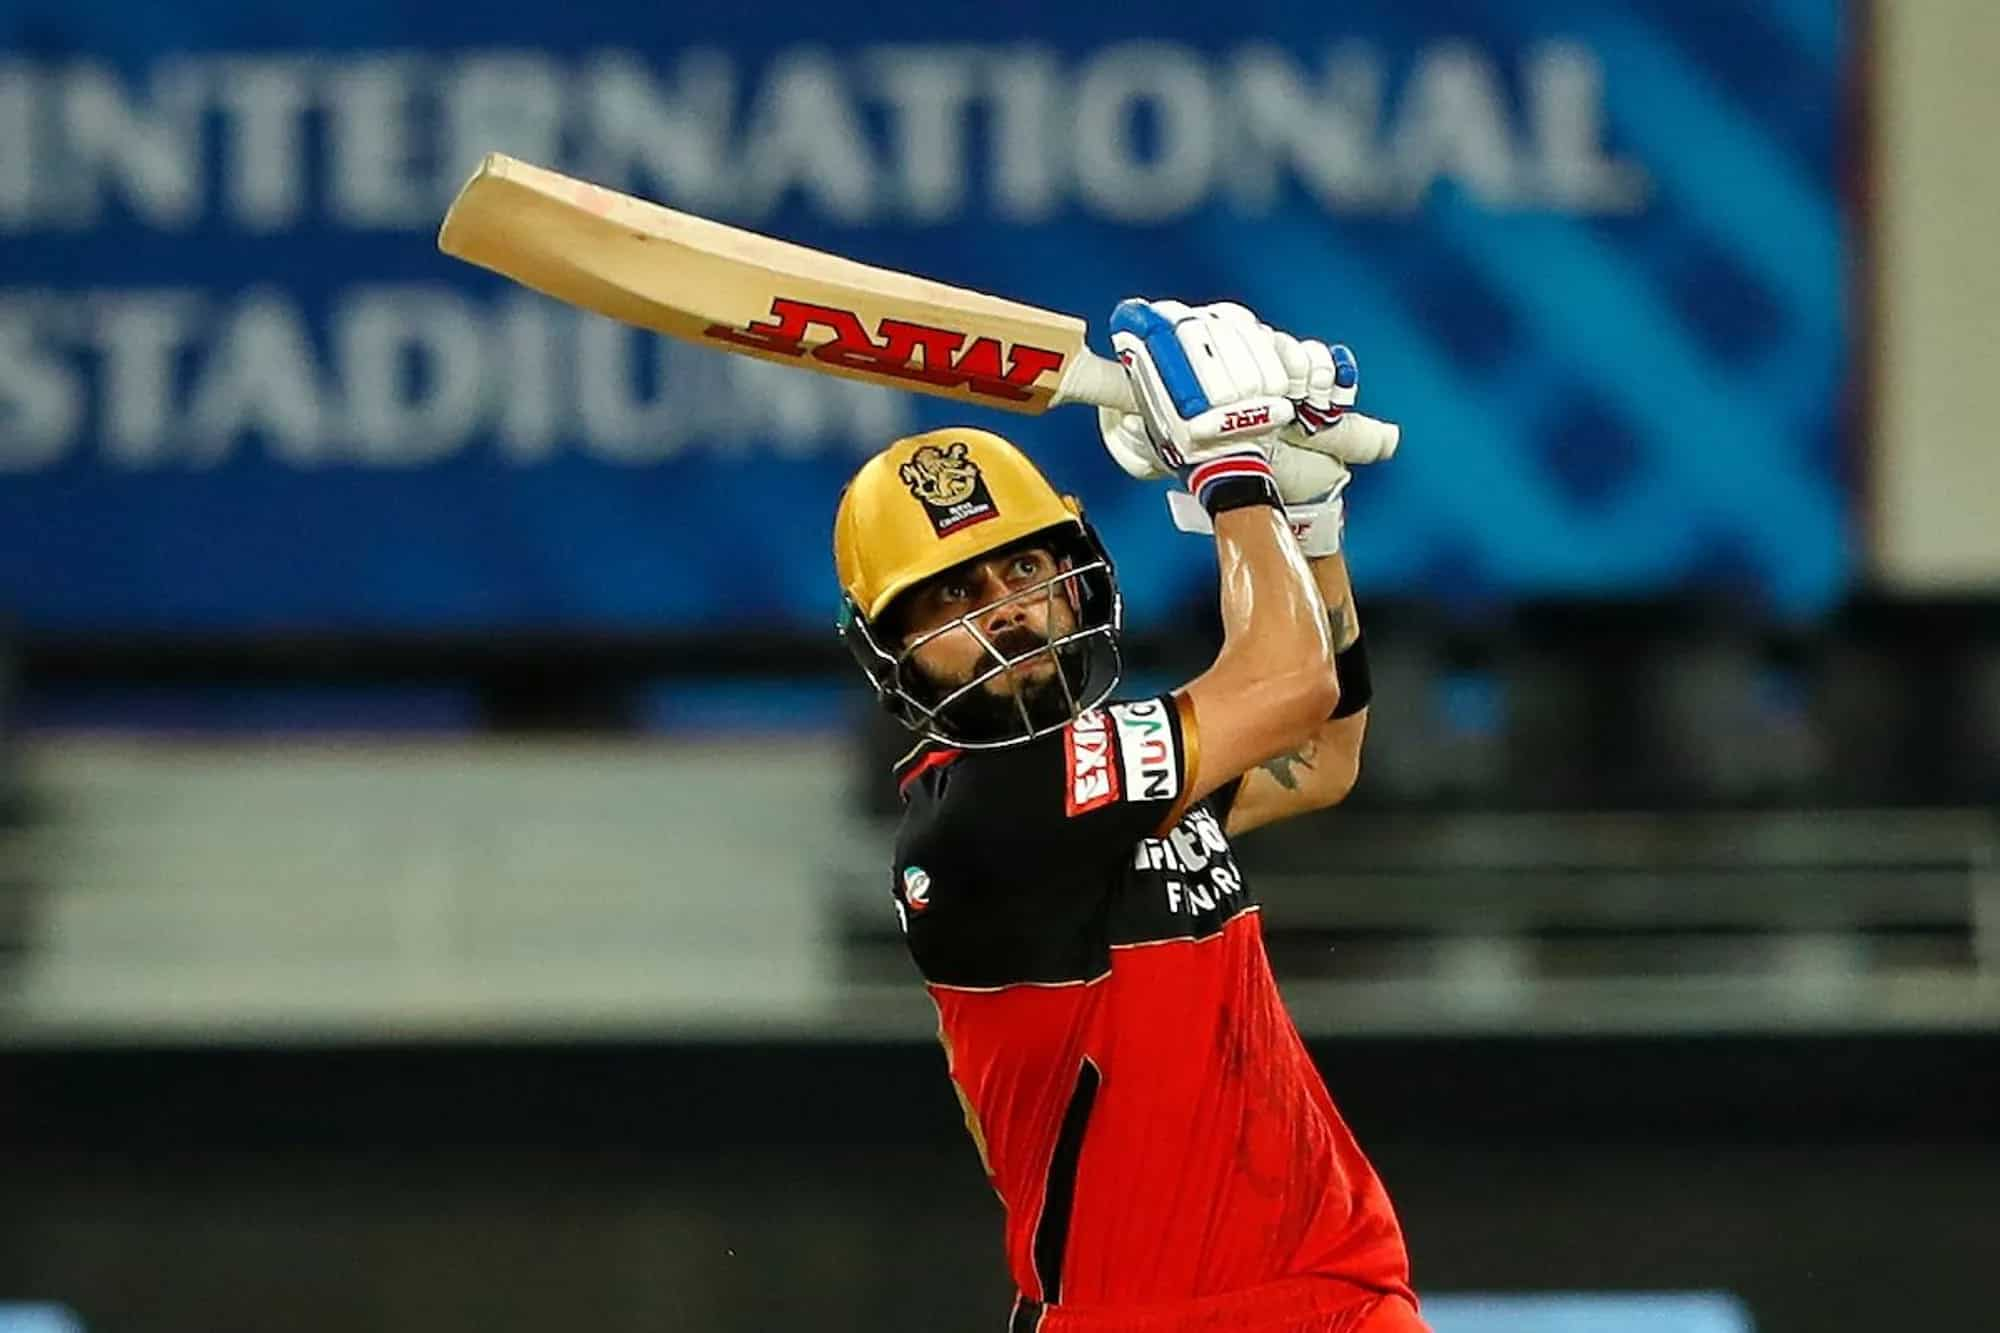 Virat Kohli - Dismissed on 99 in IPL - RCB